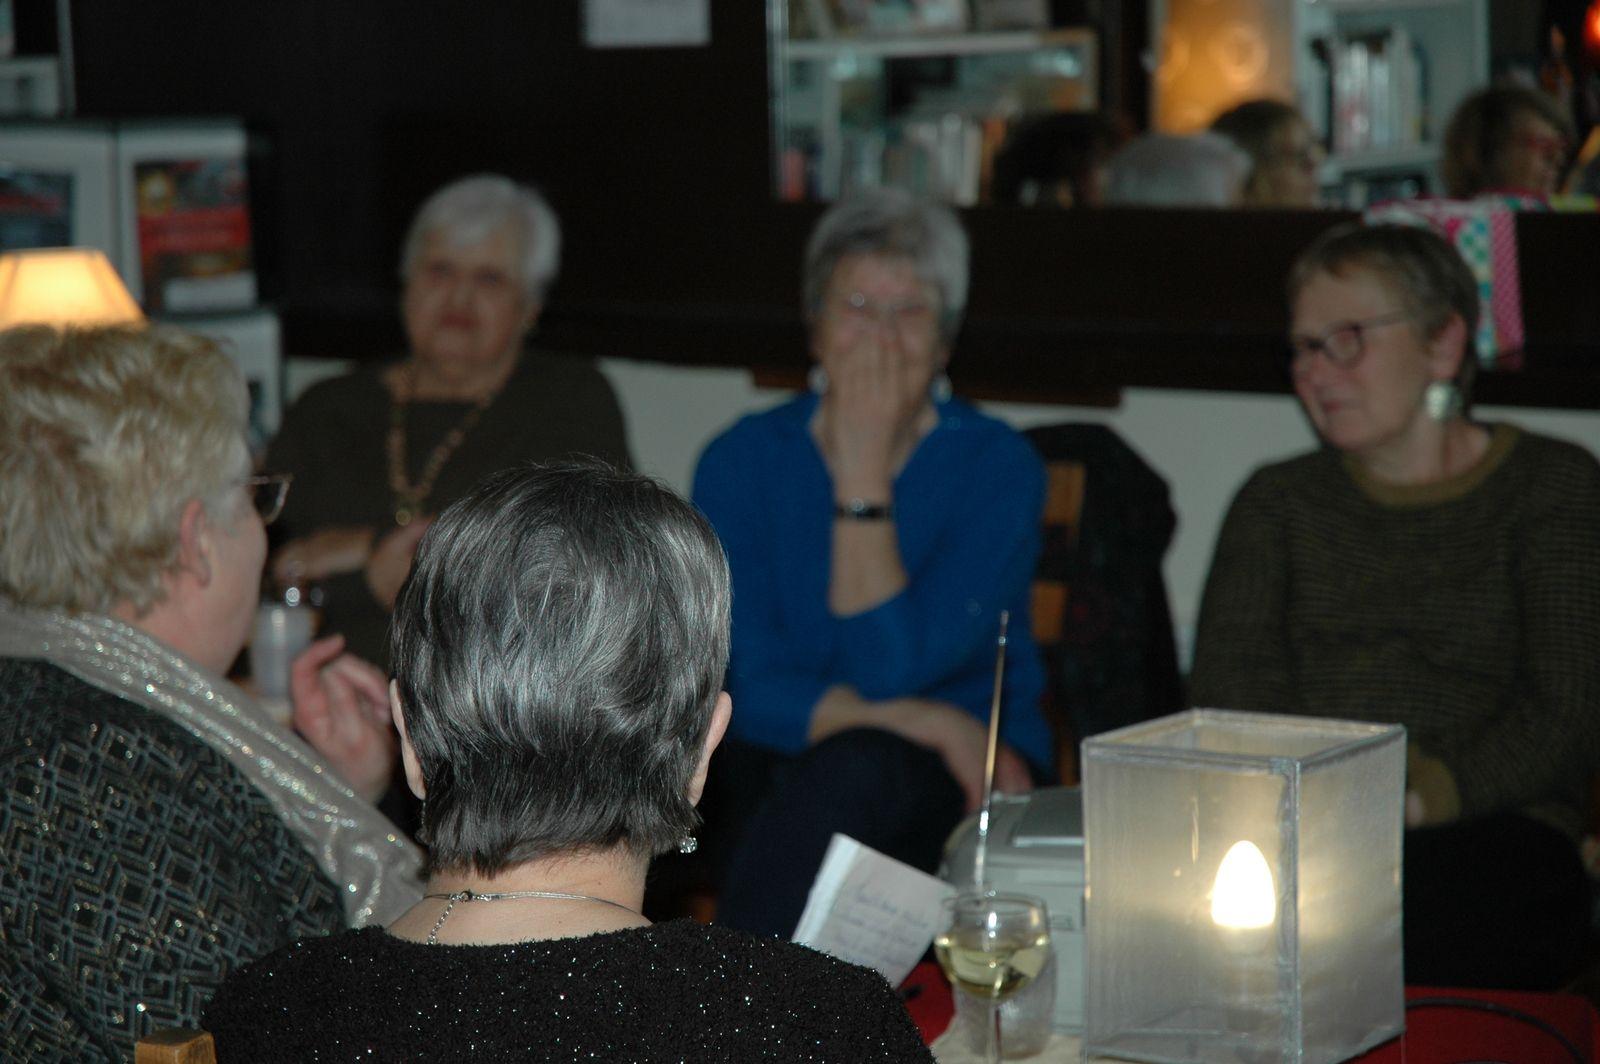 Une très belle soirée de partage en poèmes, chansons et textes pour le Printemps des Poètes à l'association Paroles d'Hucbald. Merci à vous d'avoir eu LE COURAGE de venir!